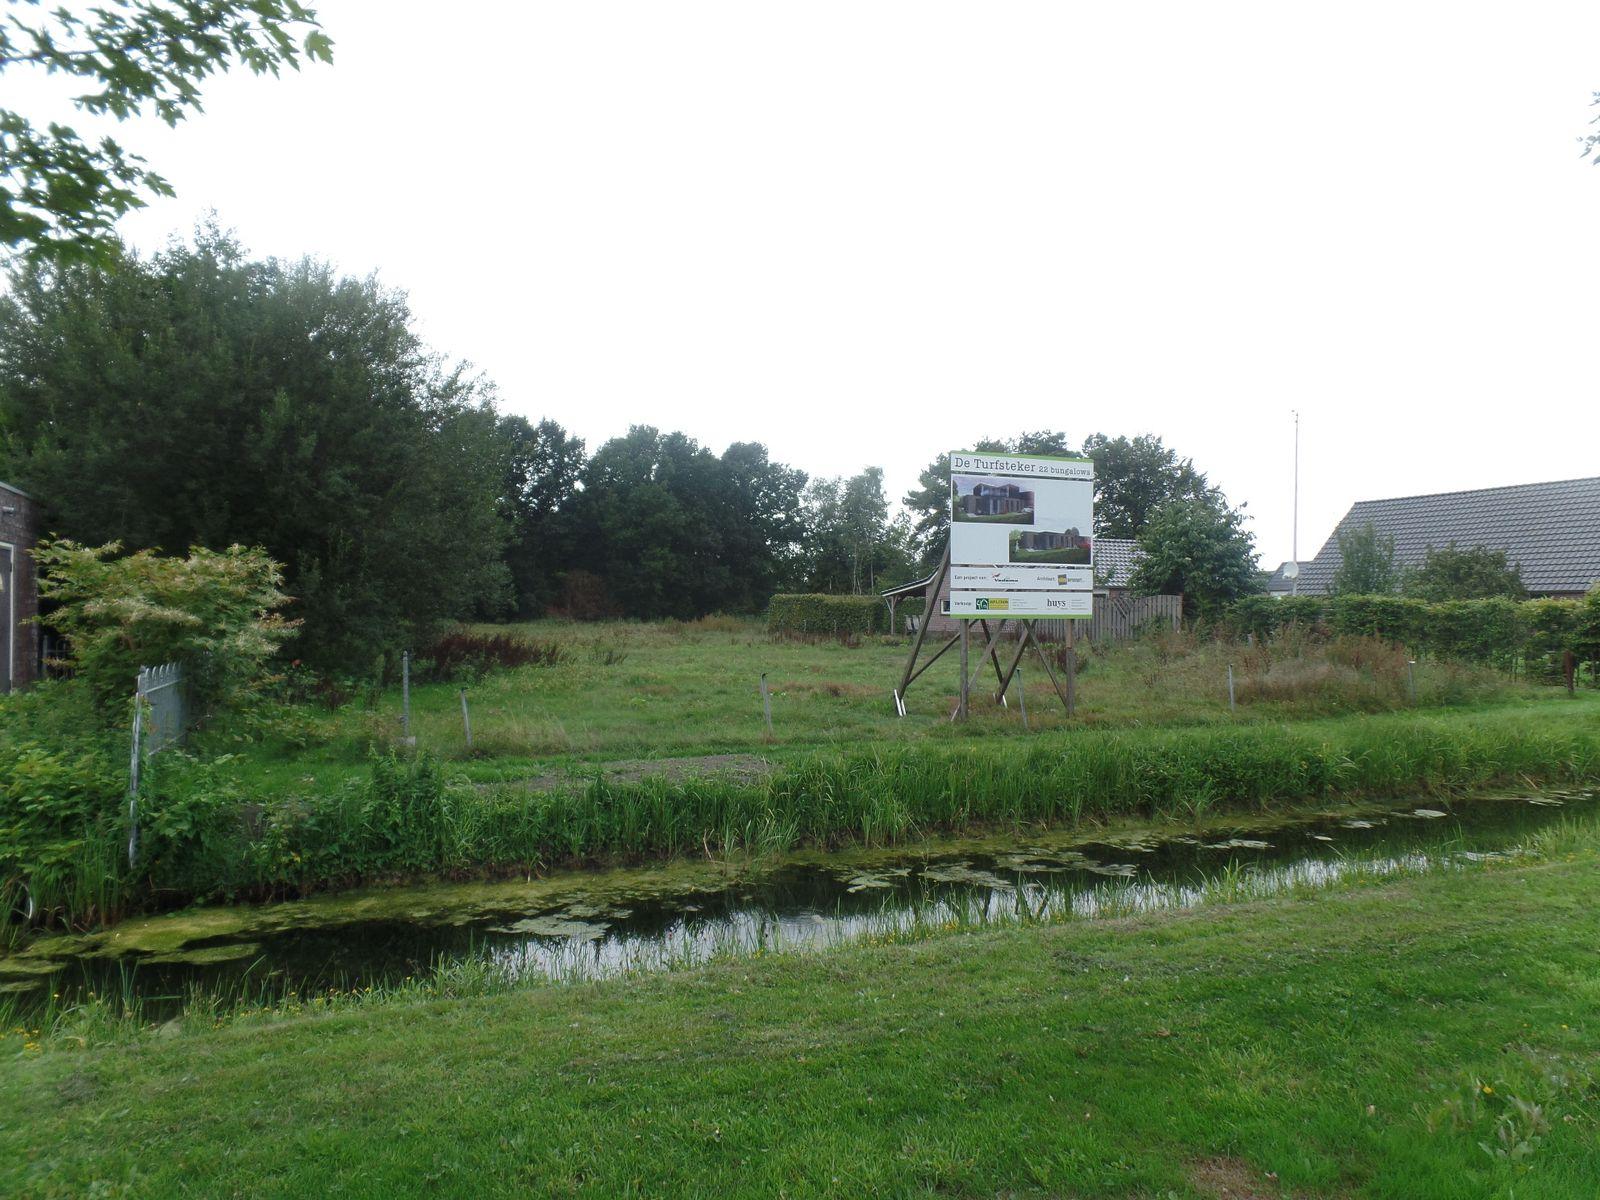 De Turfsteker 0-ong, Hollandscheveld